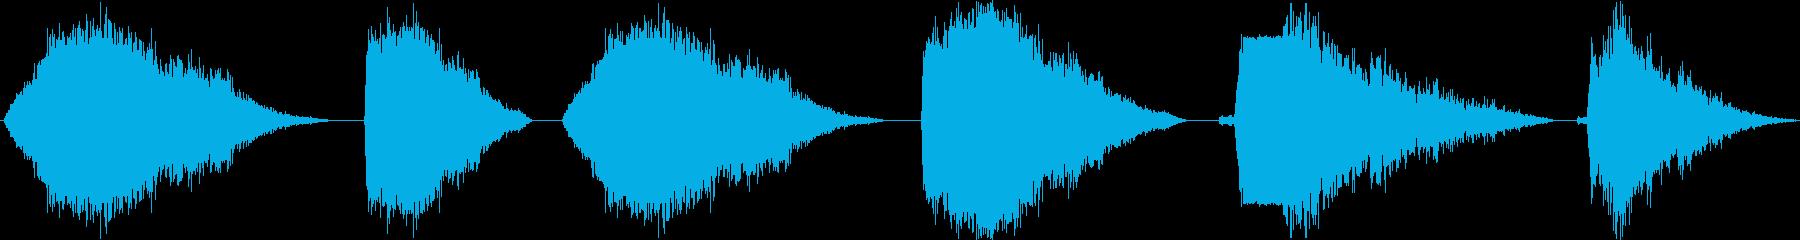 スペースレーザー分解ブラスト、6バ...の再生済みの波形